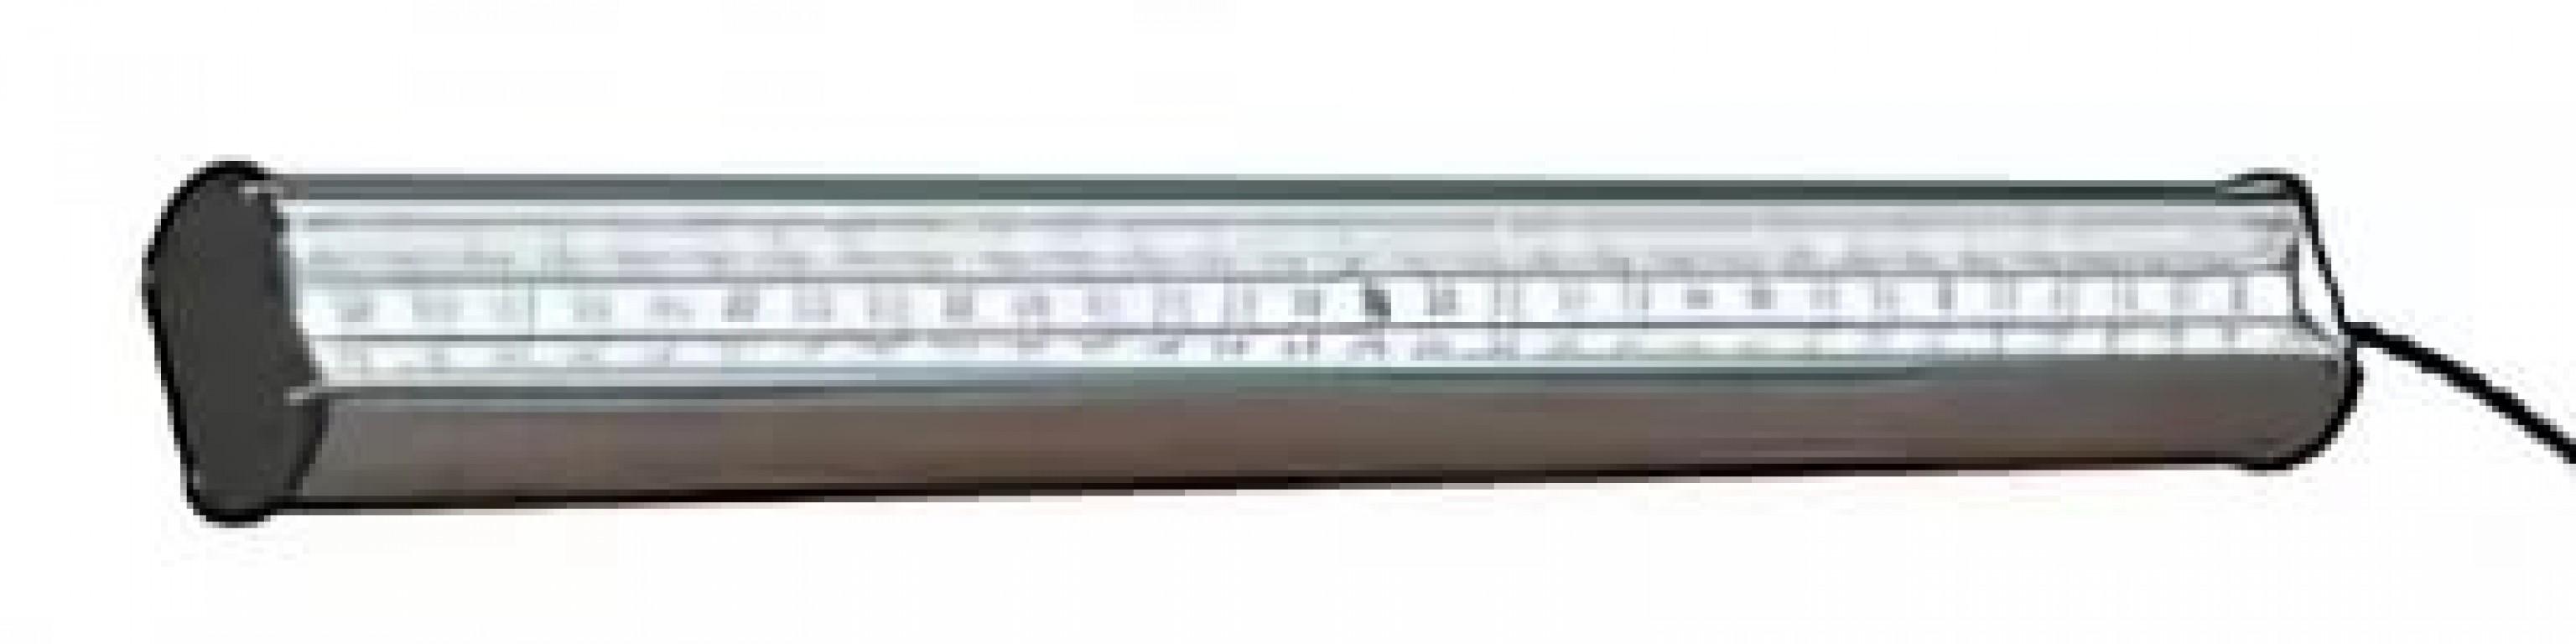 Светильник ДСО 33-50